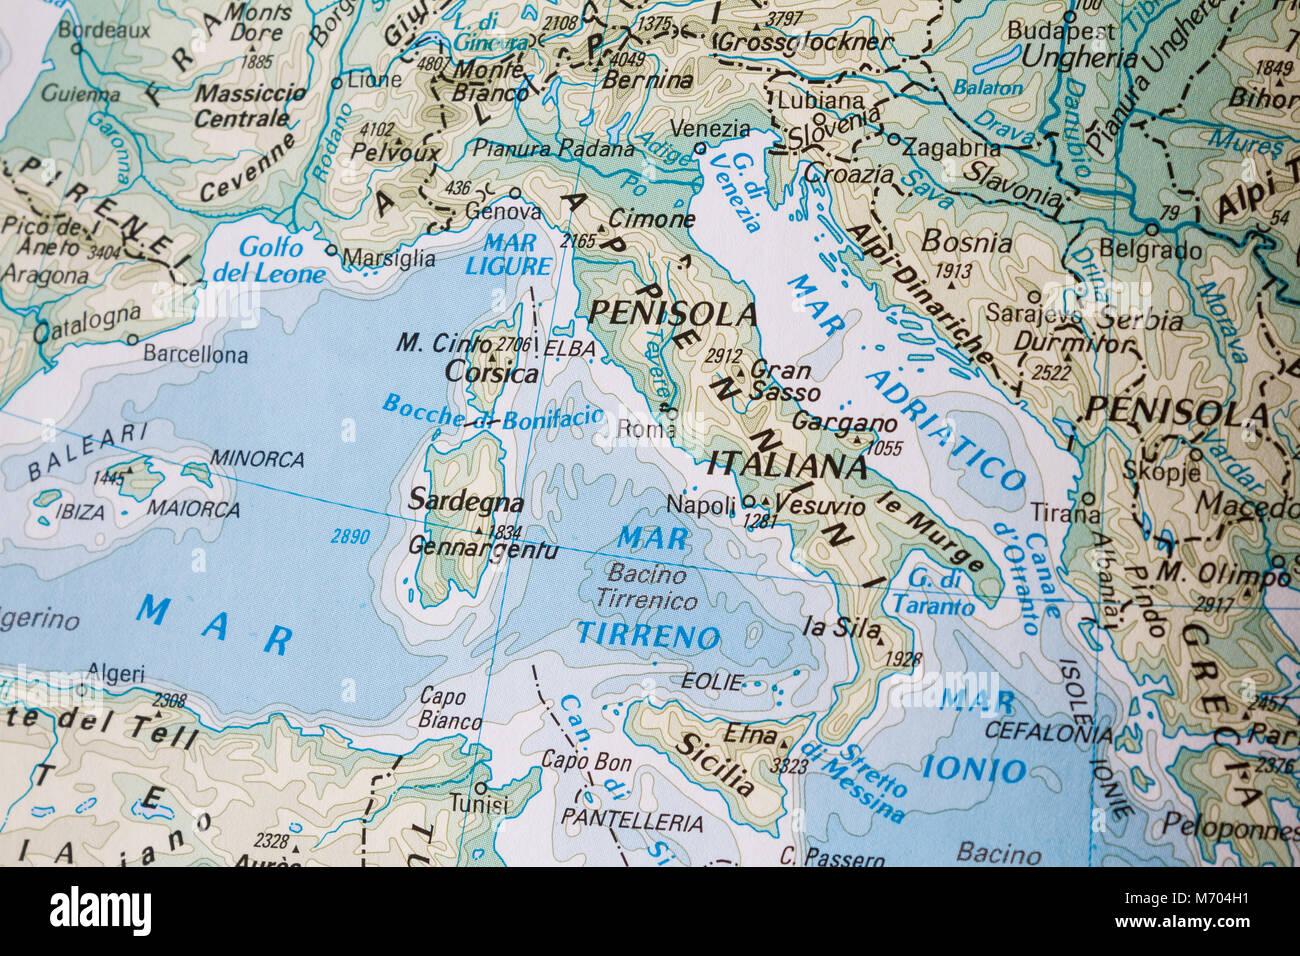 Europa Karte Physisch.Physische Karte Des Südlichen Europa Stockfoto Bild 176409885 Alamy